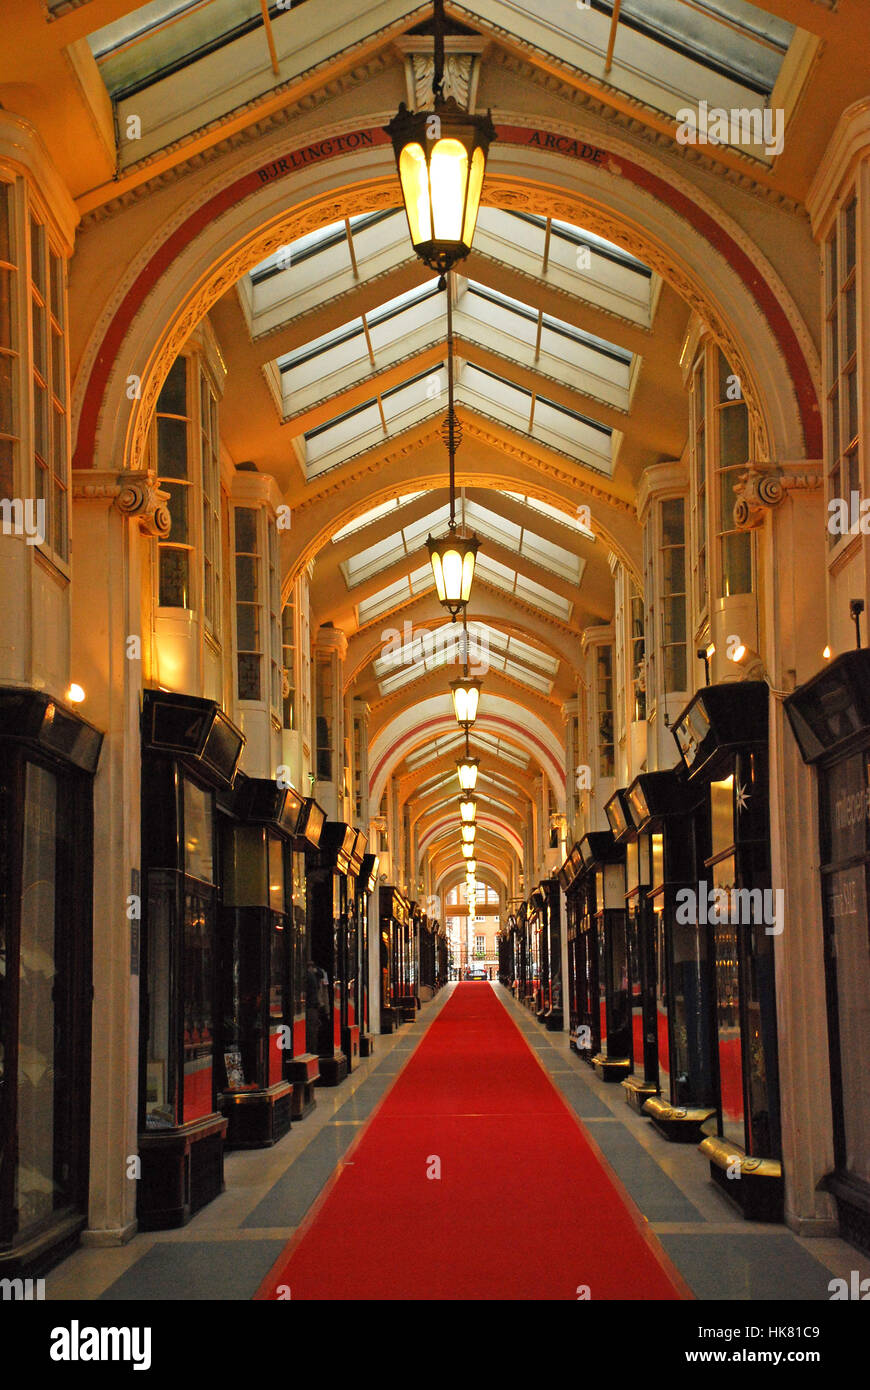 Shopping arcades Picadilly London UK - Stock Image